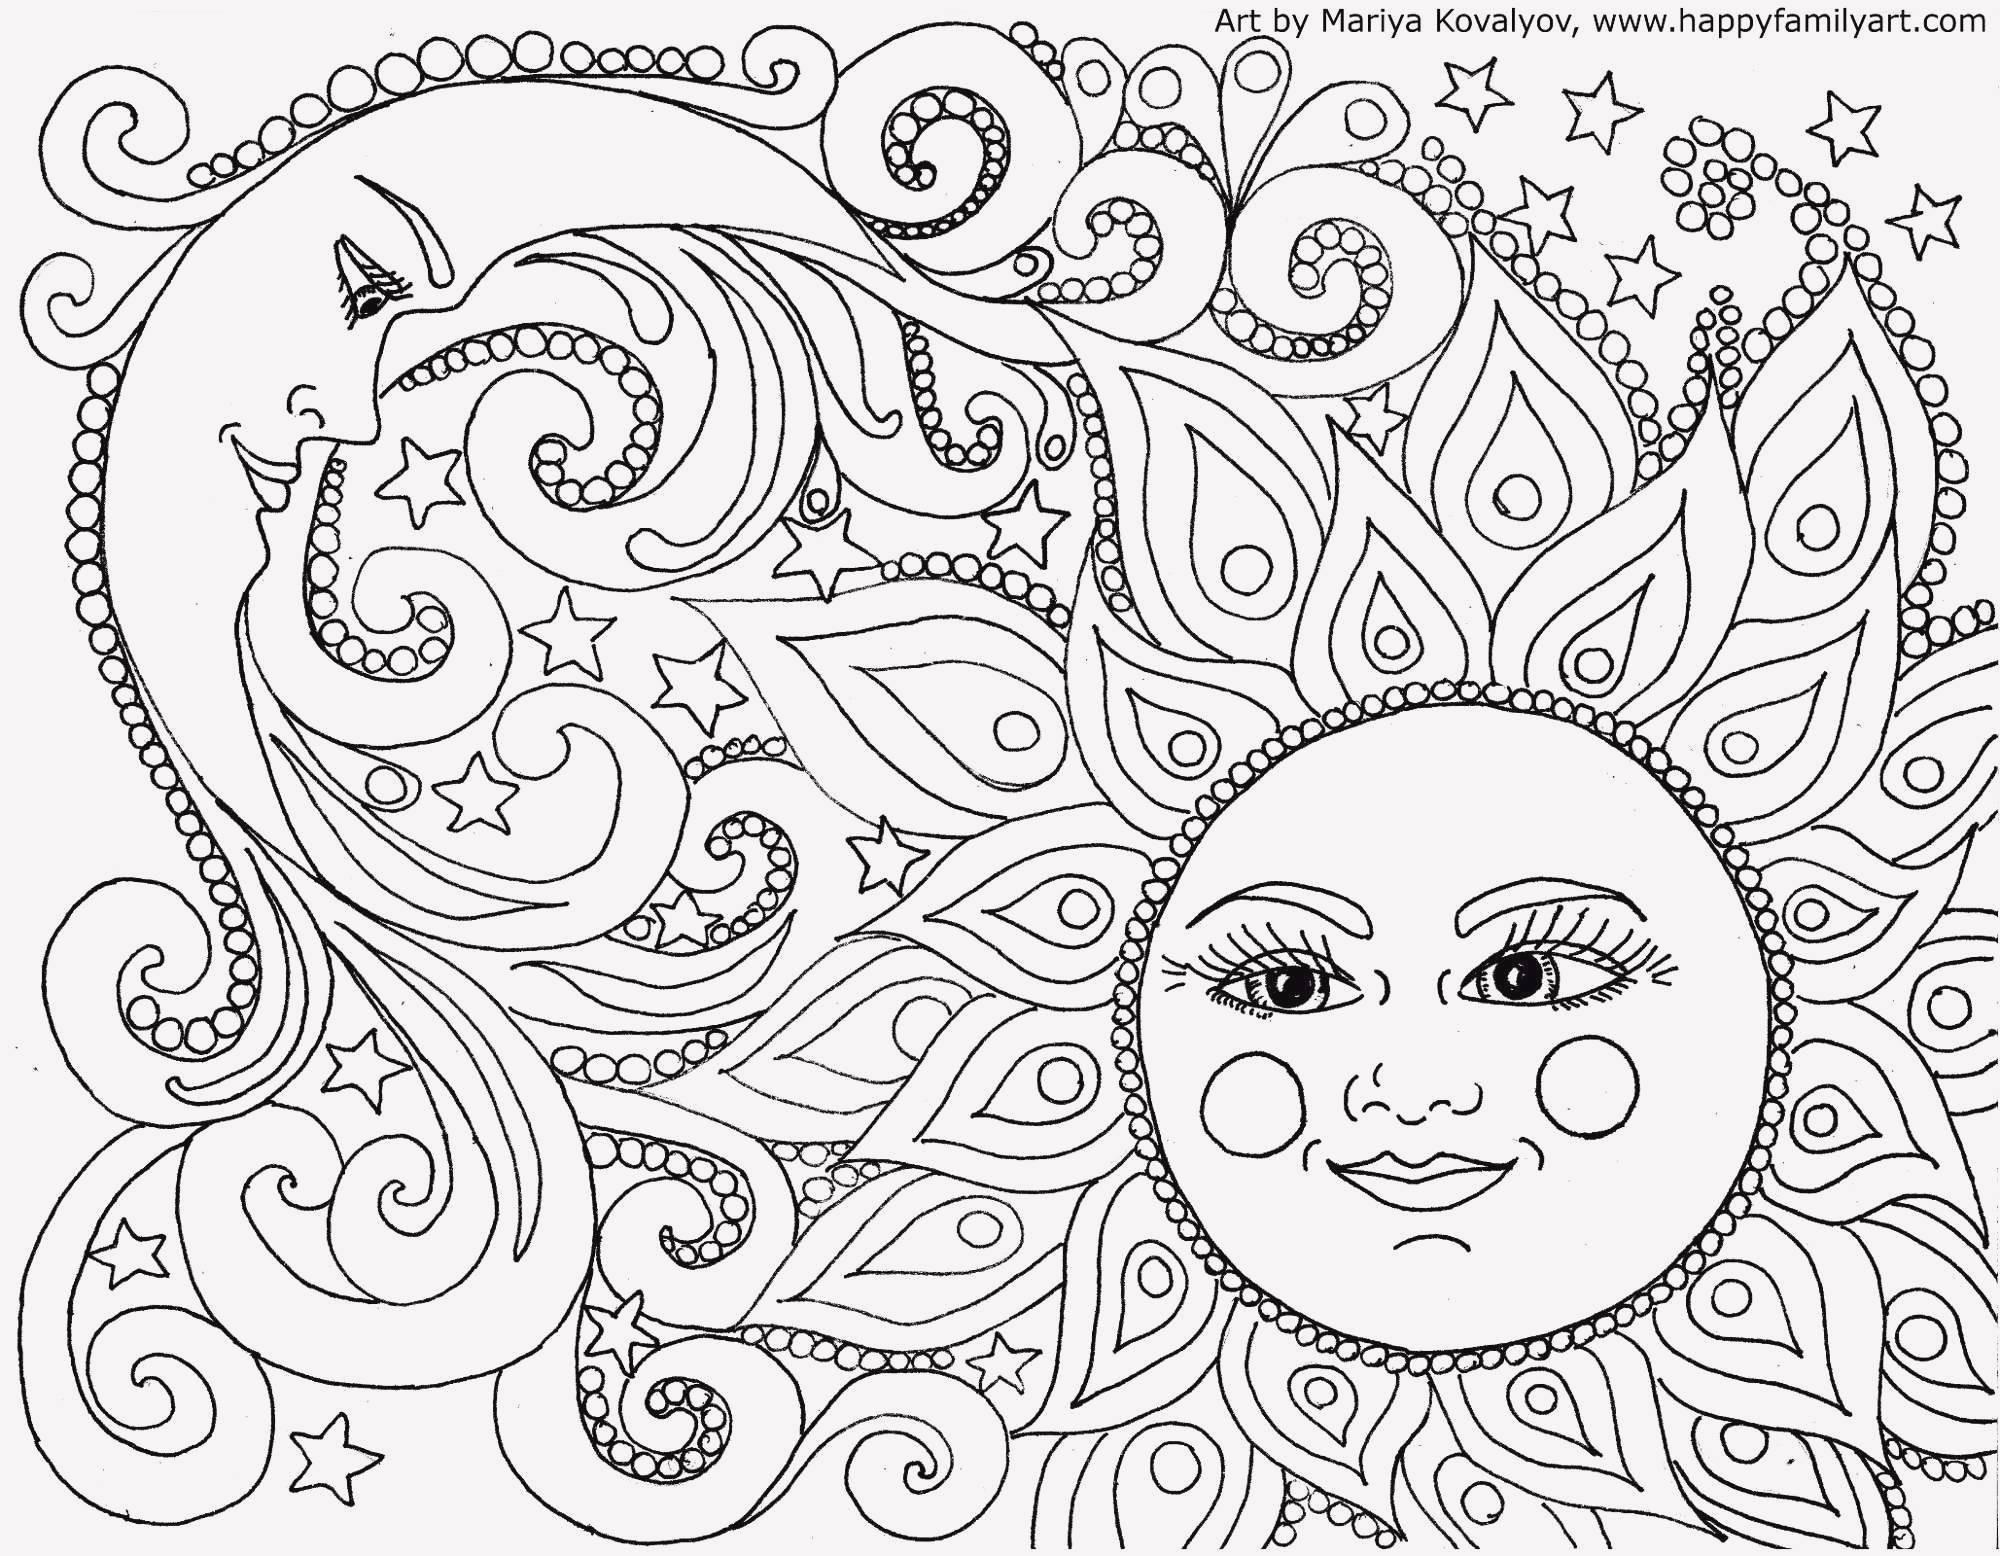 Ausmalbilder Von Violetta Neu 25 Erstaunlich Ausmalbilder Violetta Weihnachten Das Bild